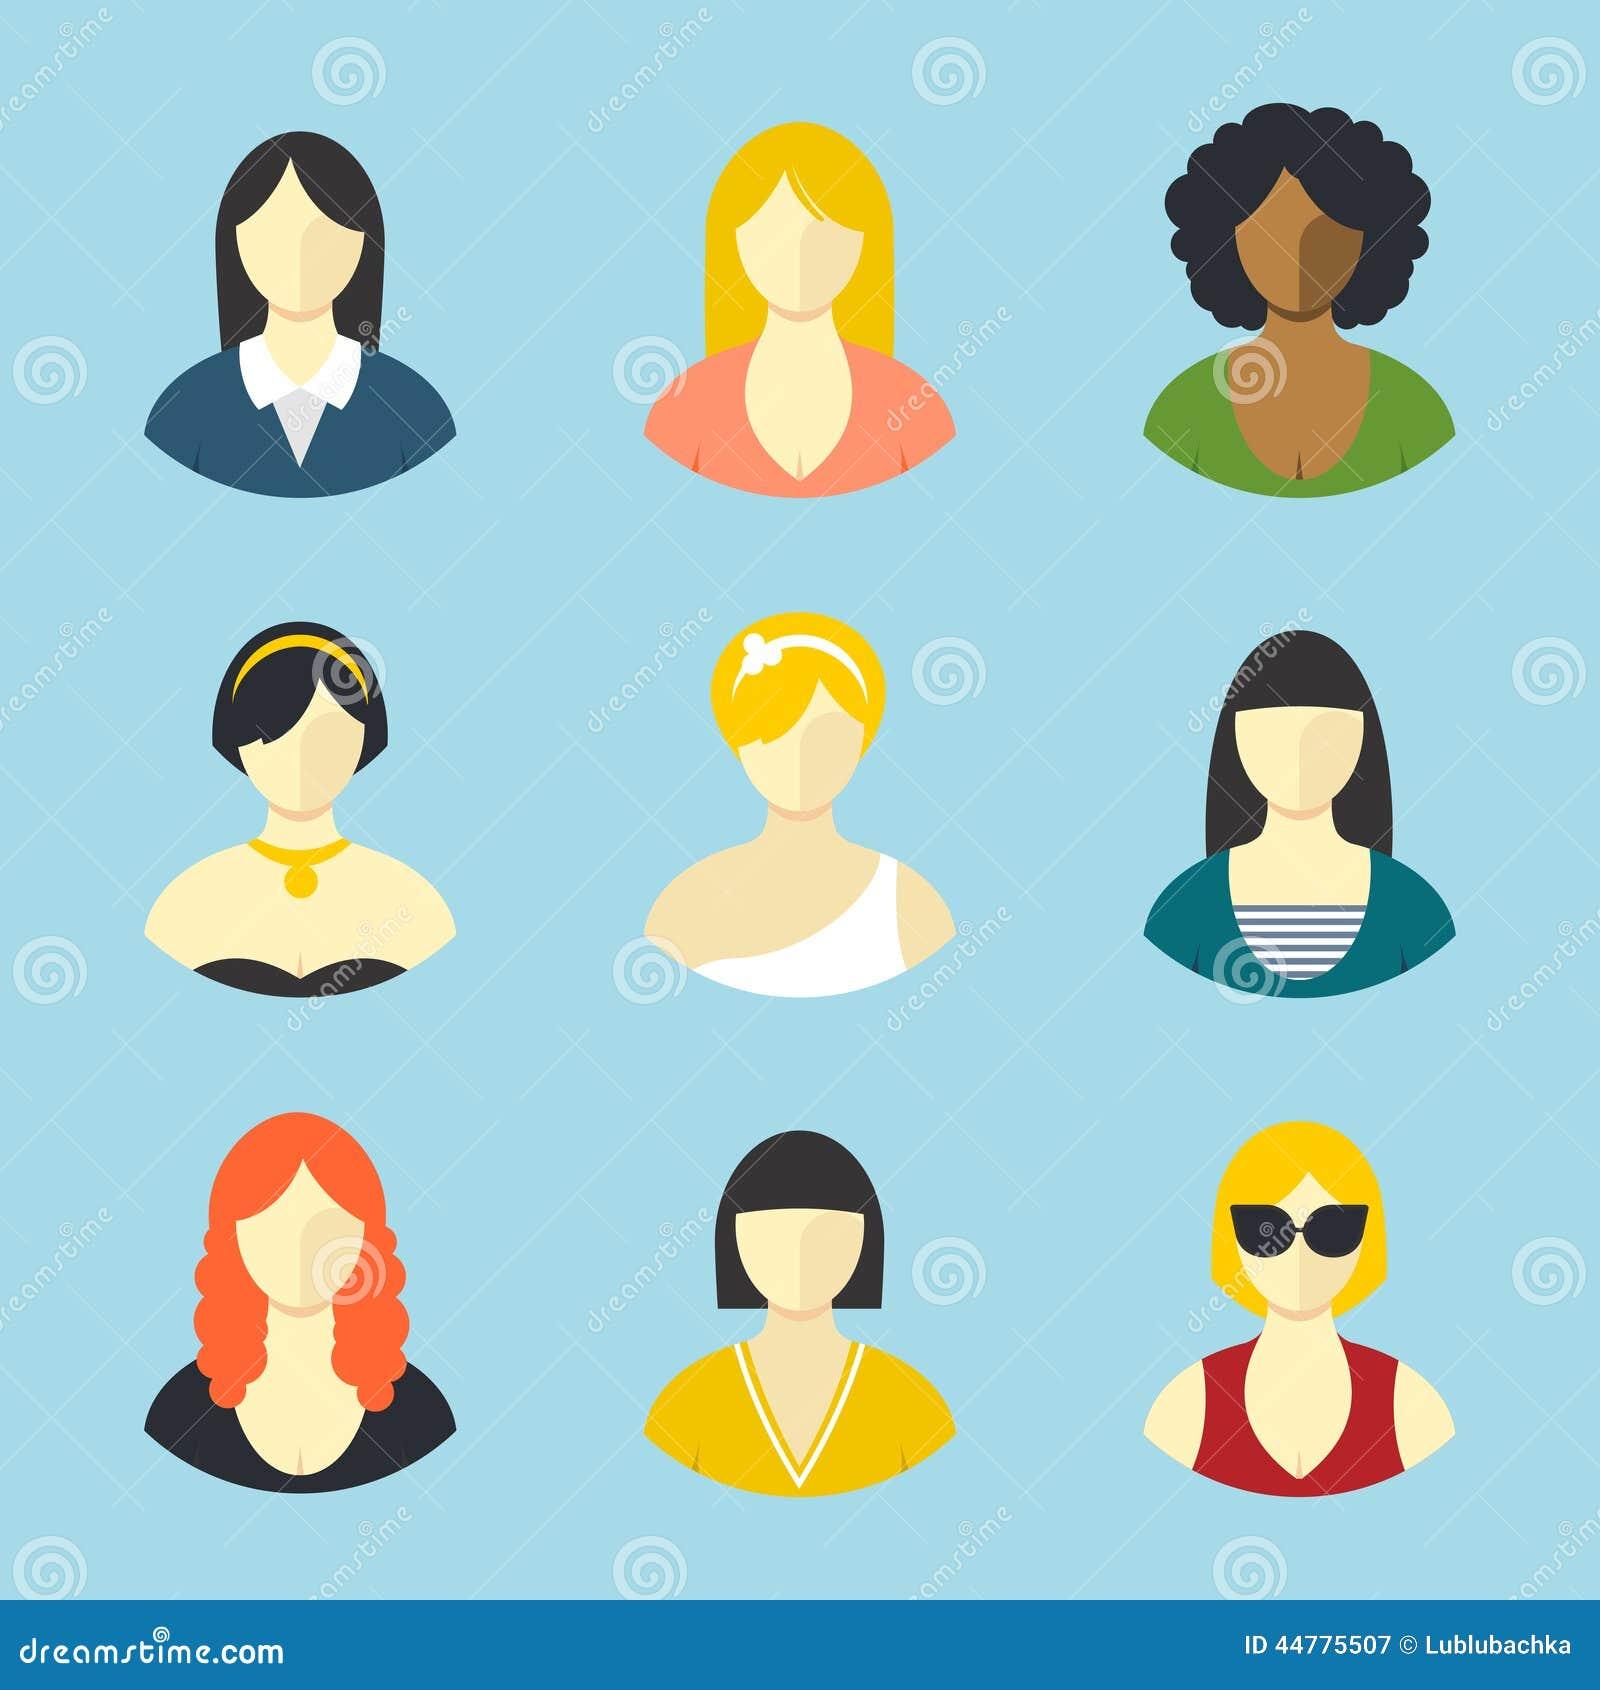 Developer Avatar: Female Avatars. Flat Design Vector Icons Set Stock Vector